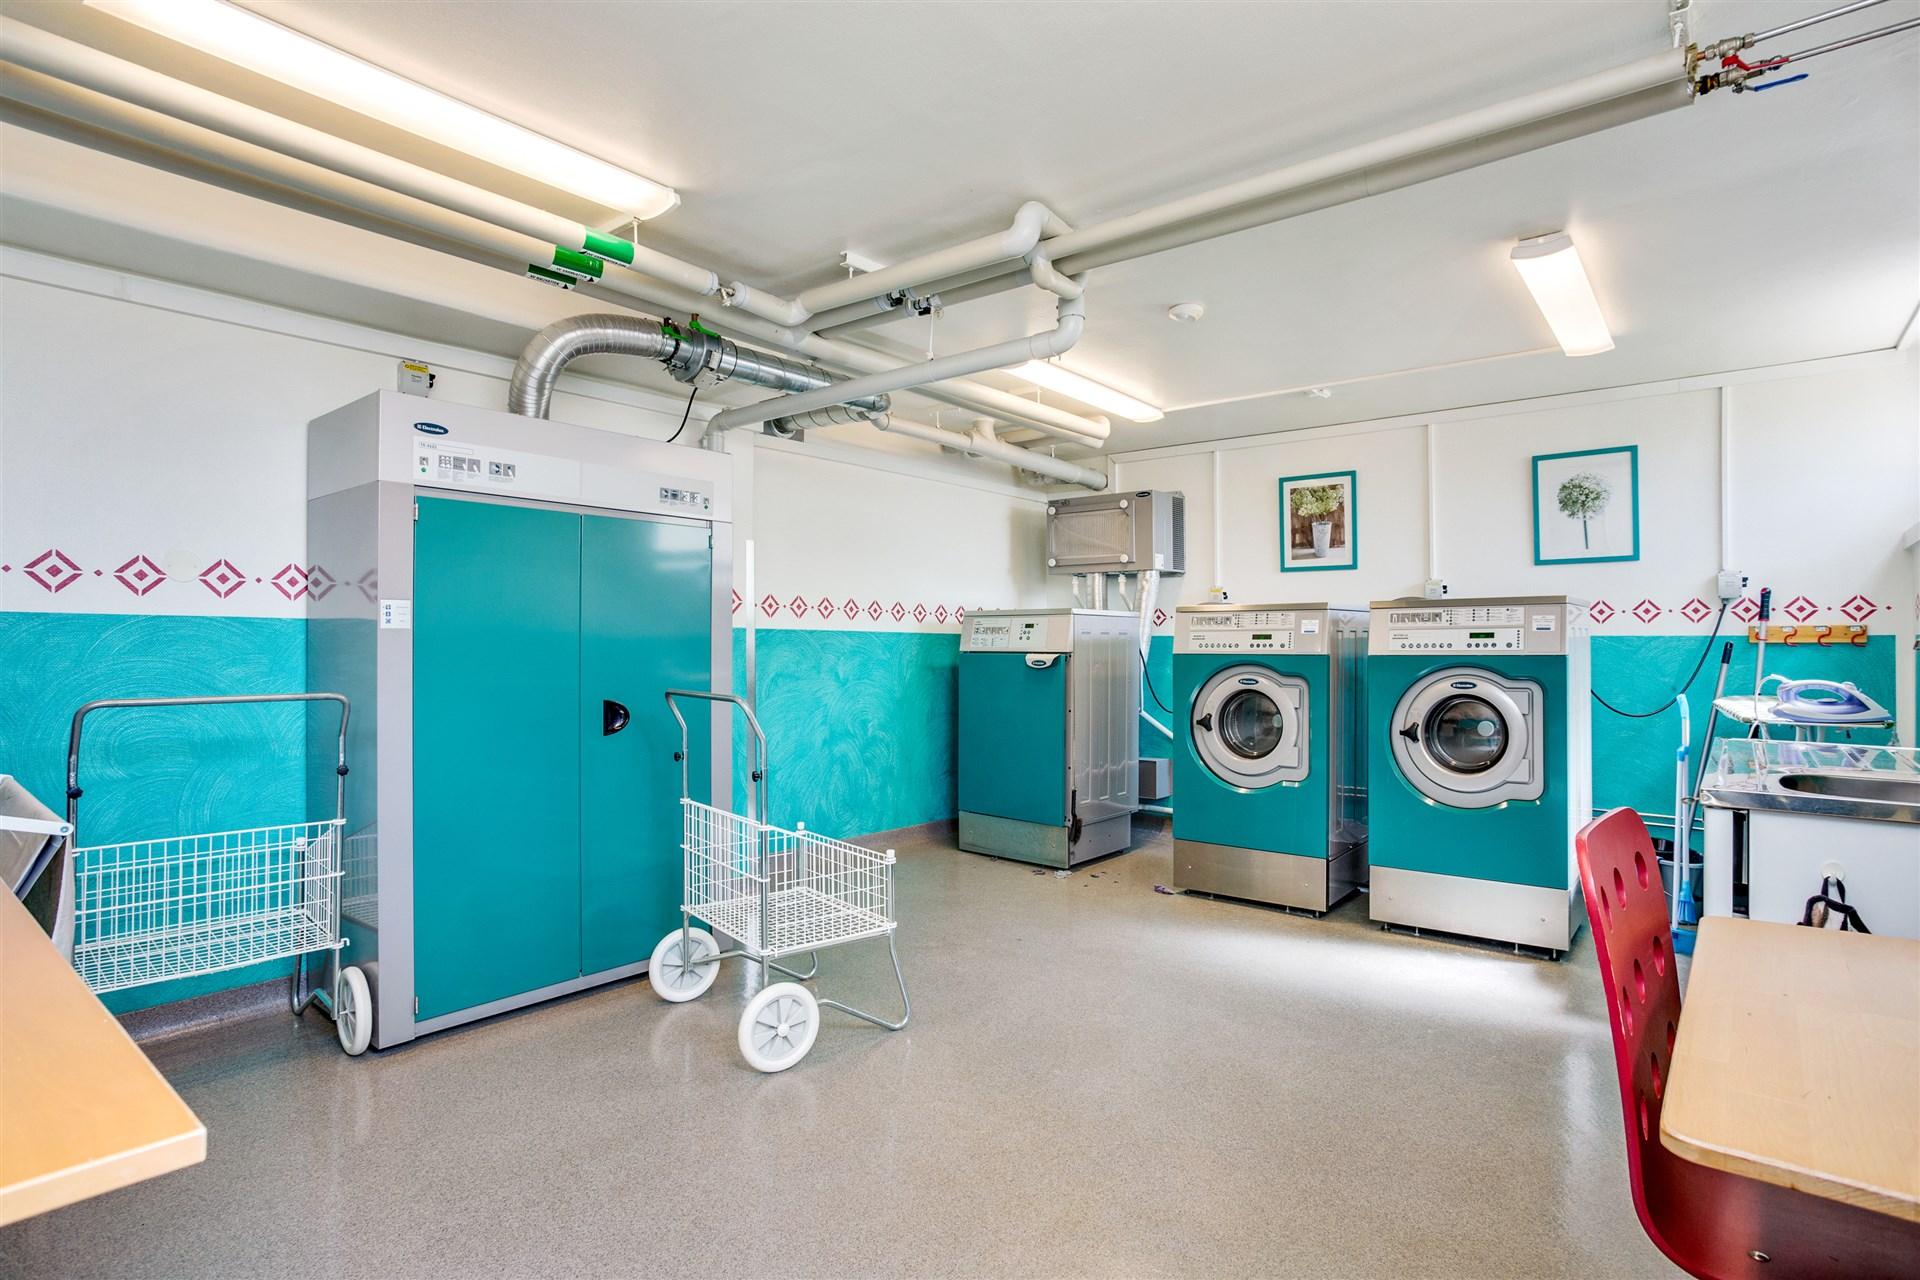 I källaren finns stor och fin tvättstuga.